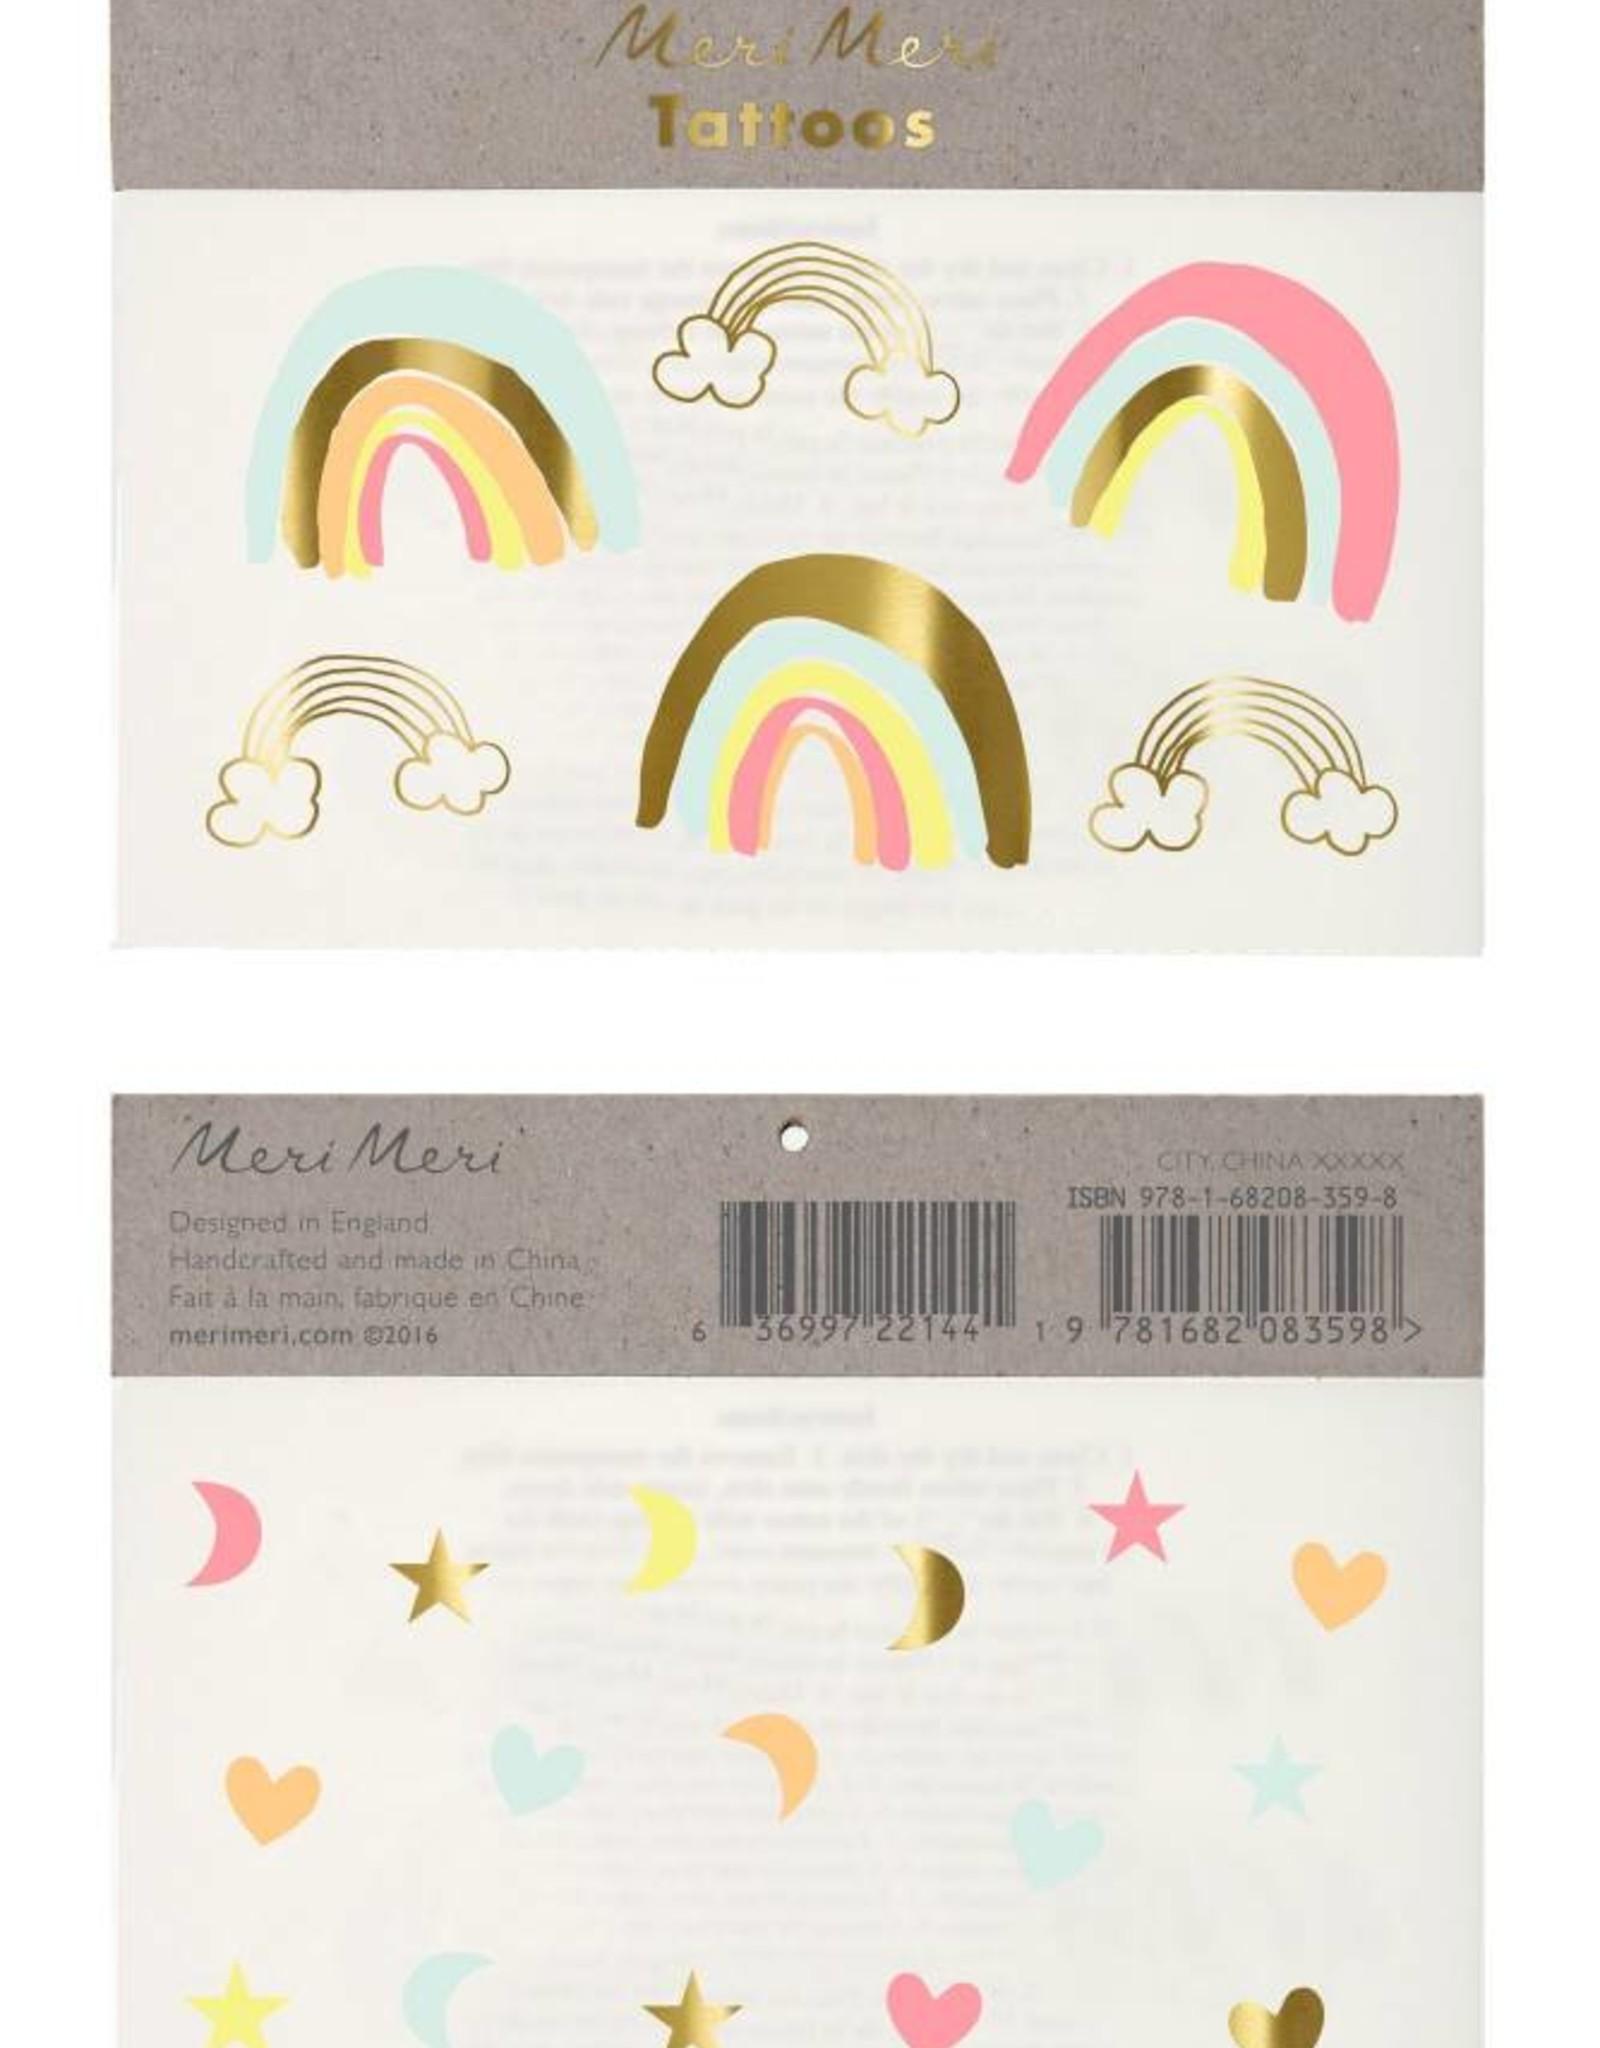 Meri Meri neon rainbows tattoos